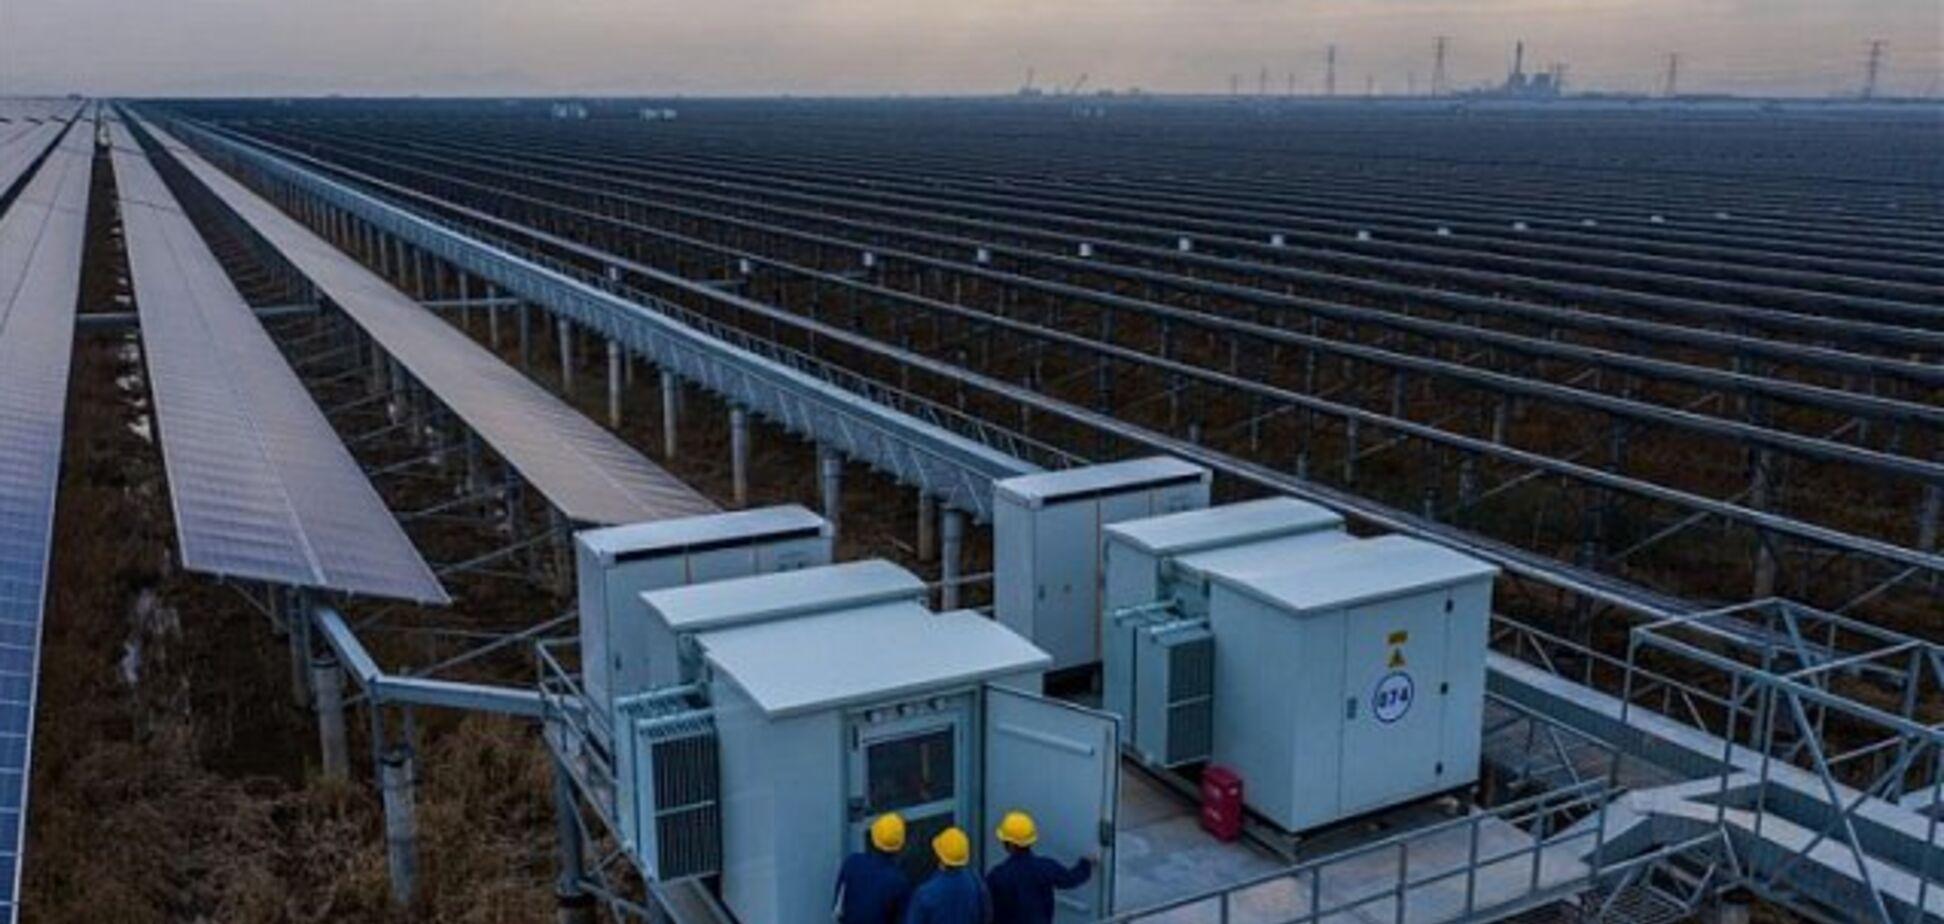 У приливній зоні Китаю запустили незвичну сонячну станцію: фото